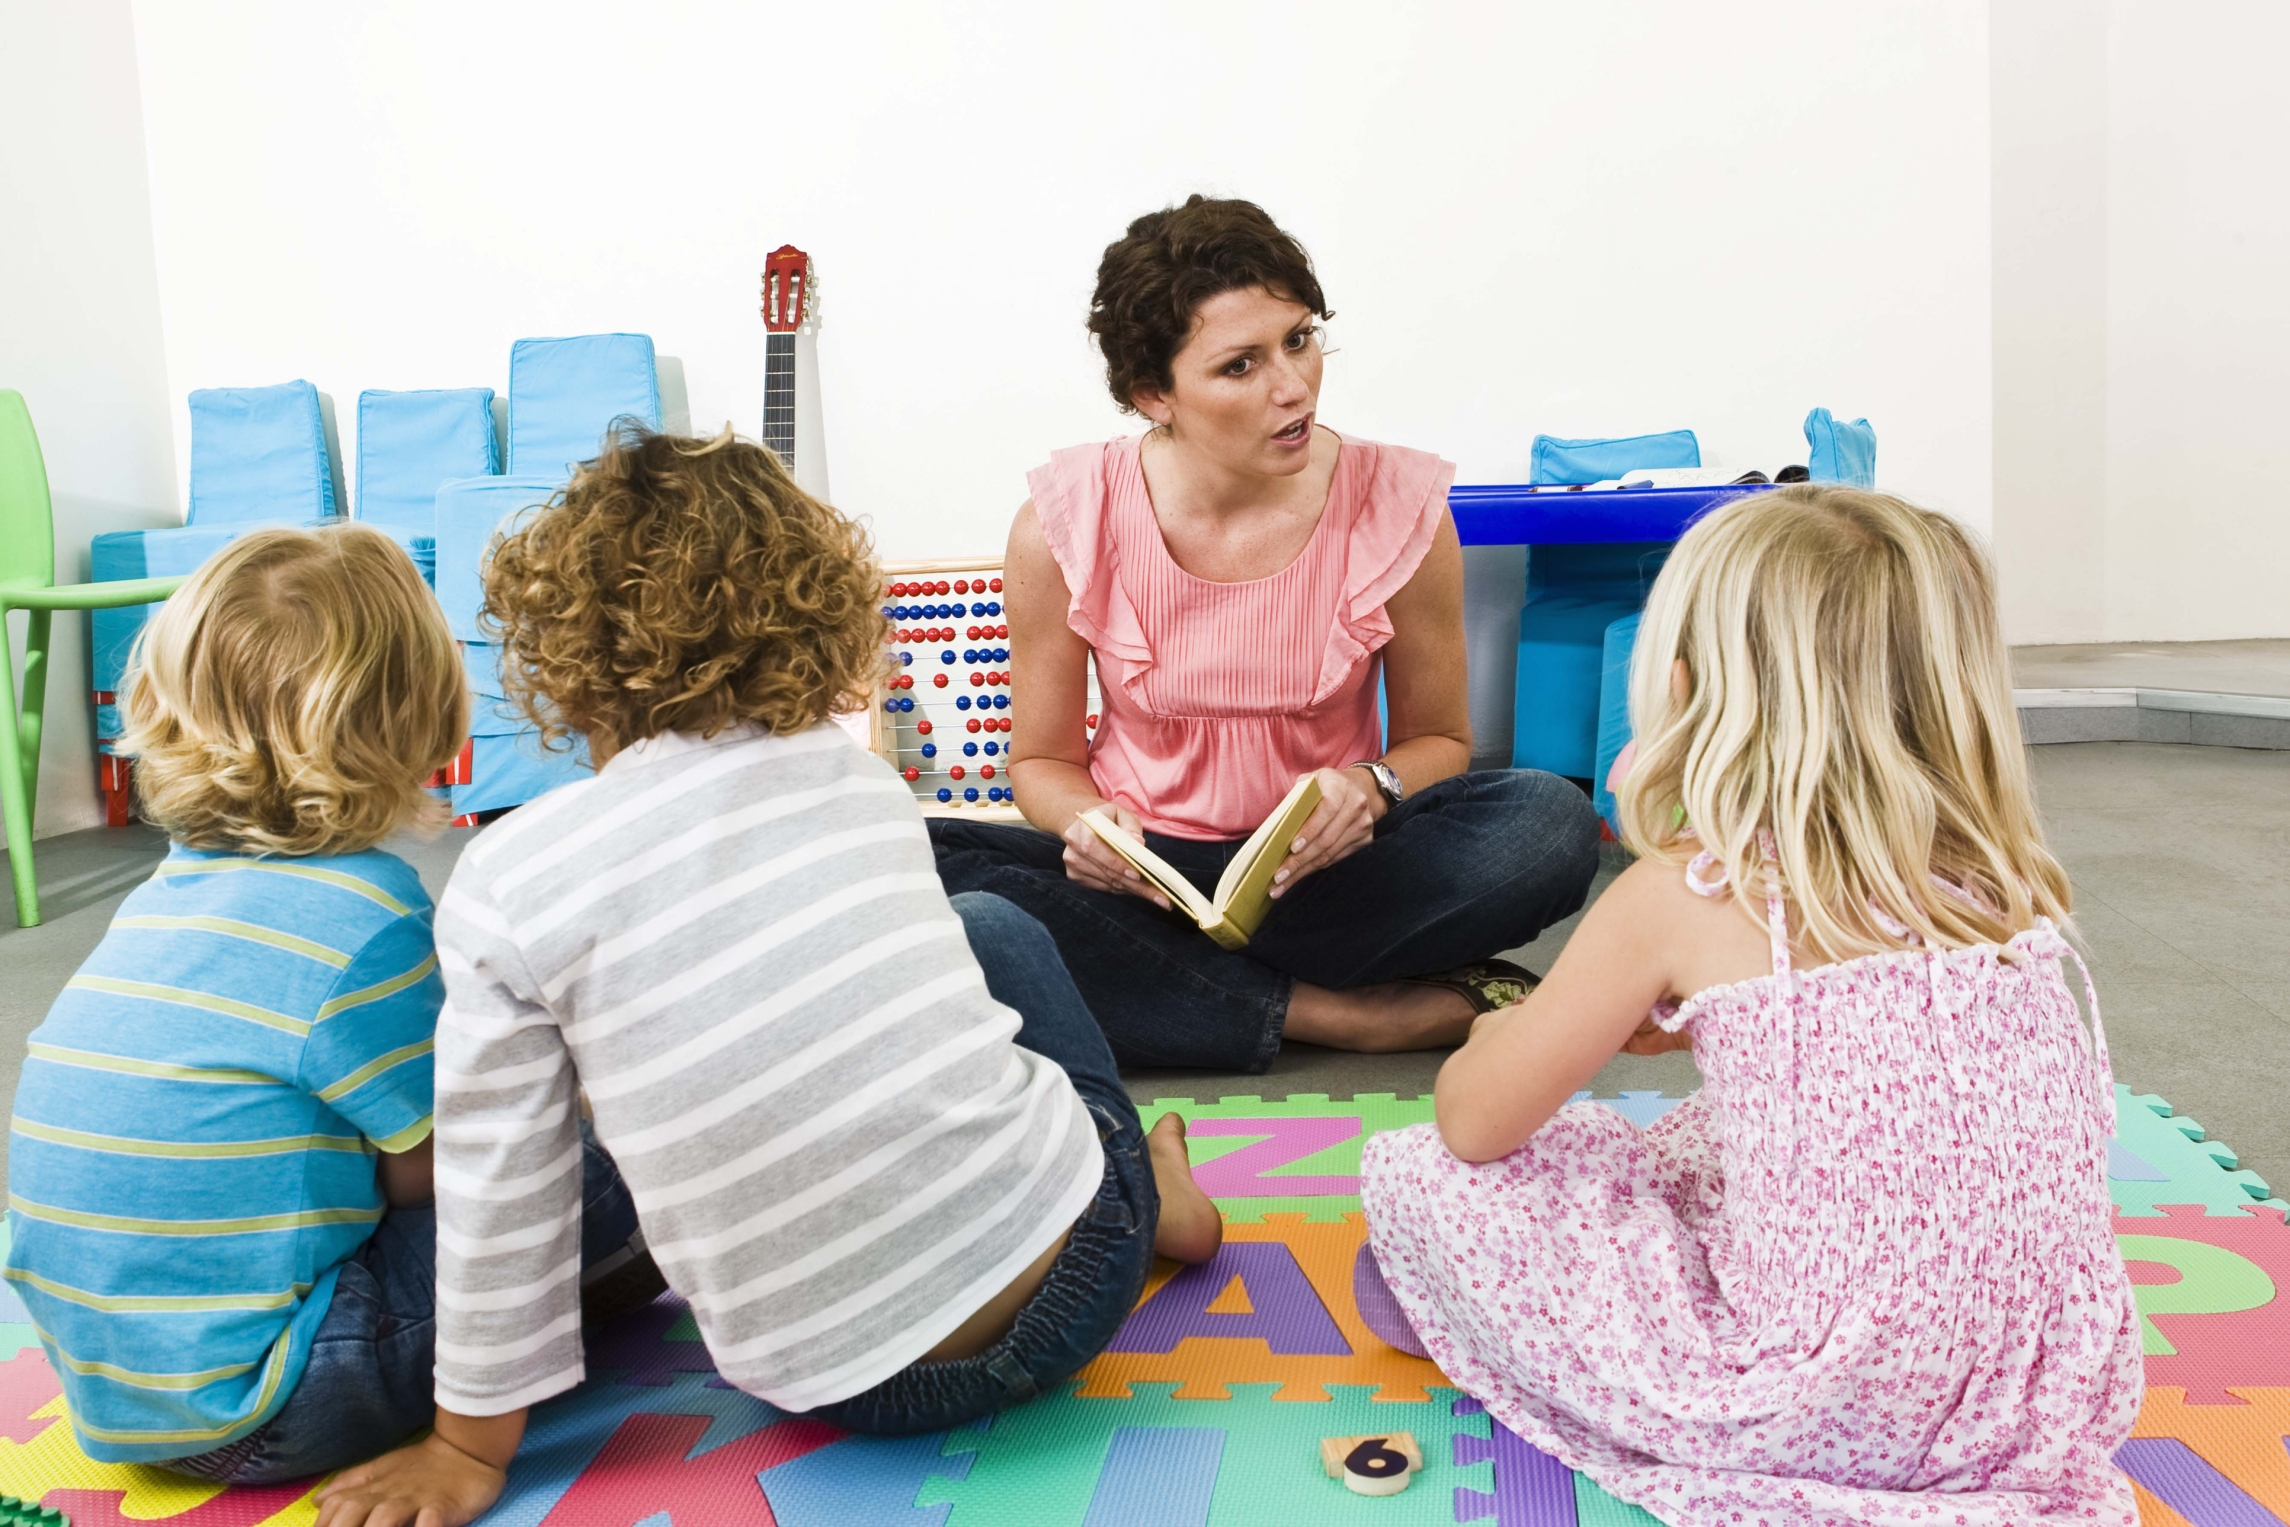 89791434 - Why A Kindergarten Teacher